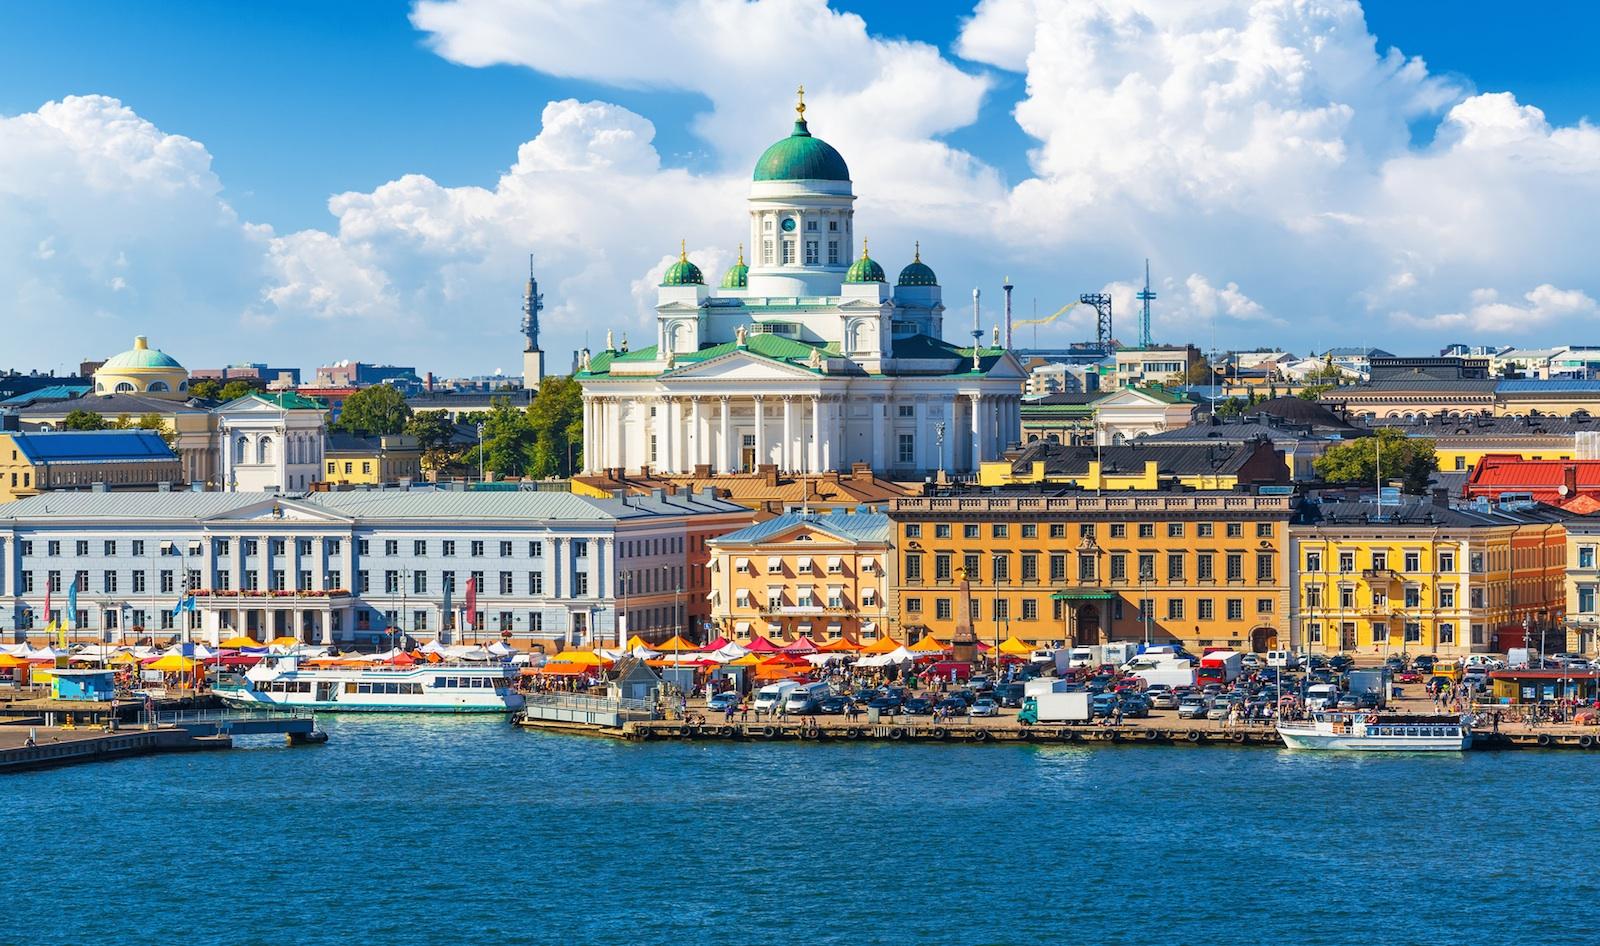 Prodotti salentini in Finlandia, face to face fra produzioni locali